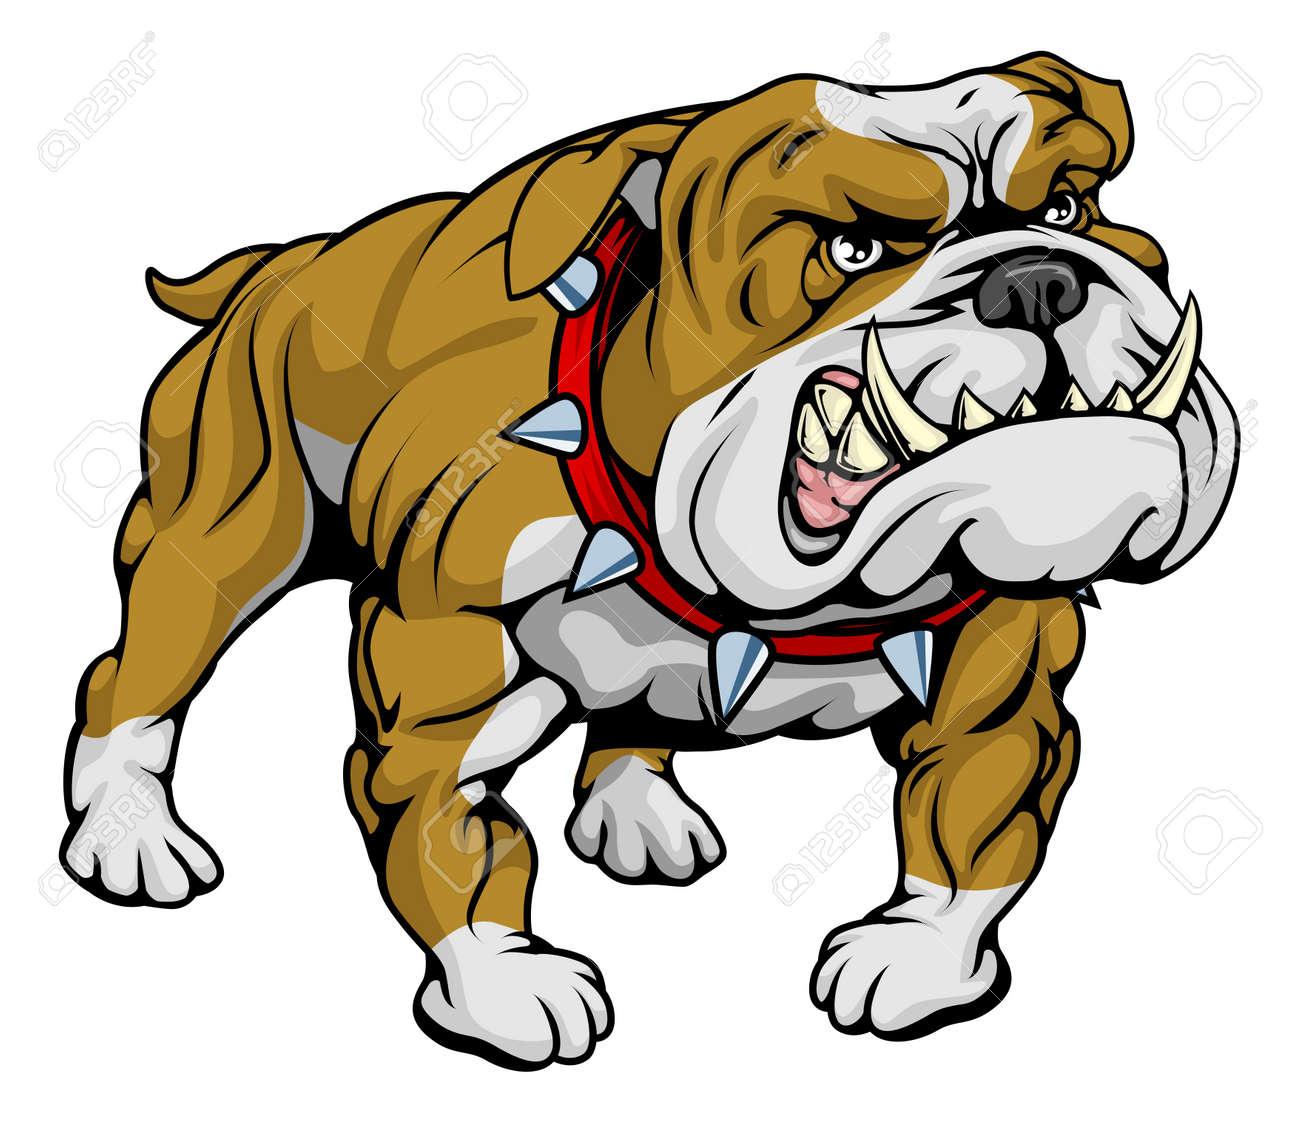 banque dimages un caractre de bulldog allure trs dur dessin anim